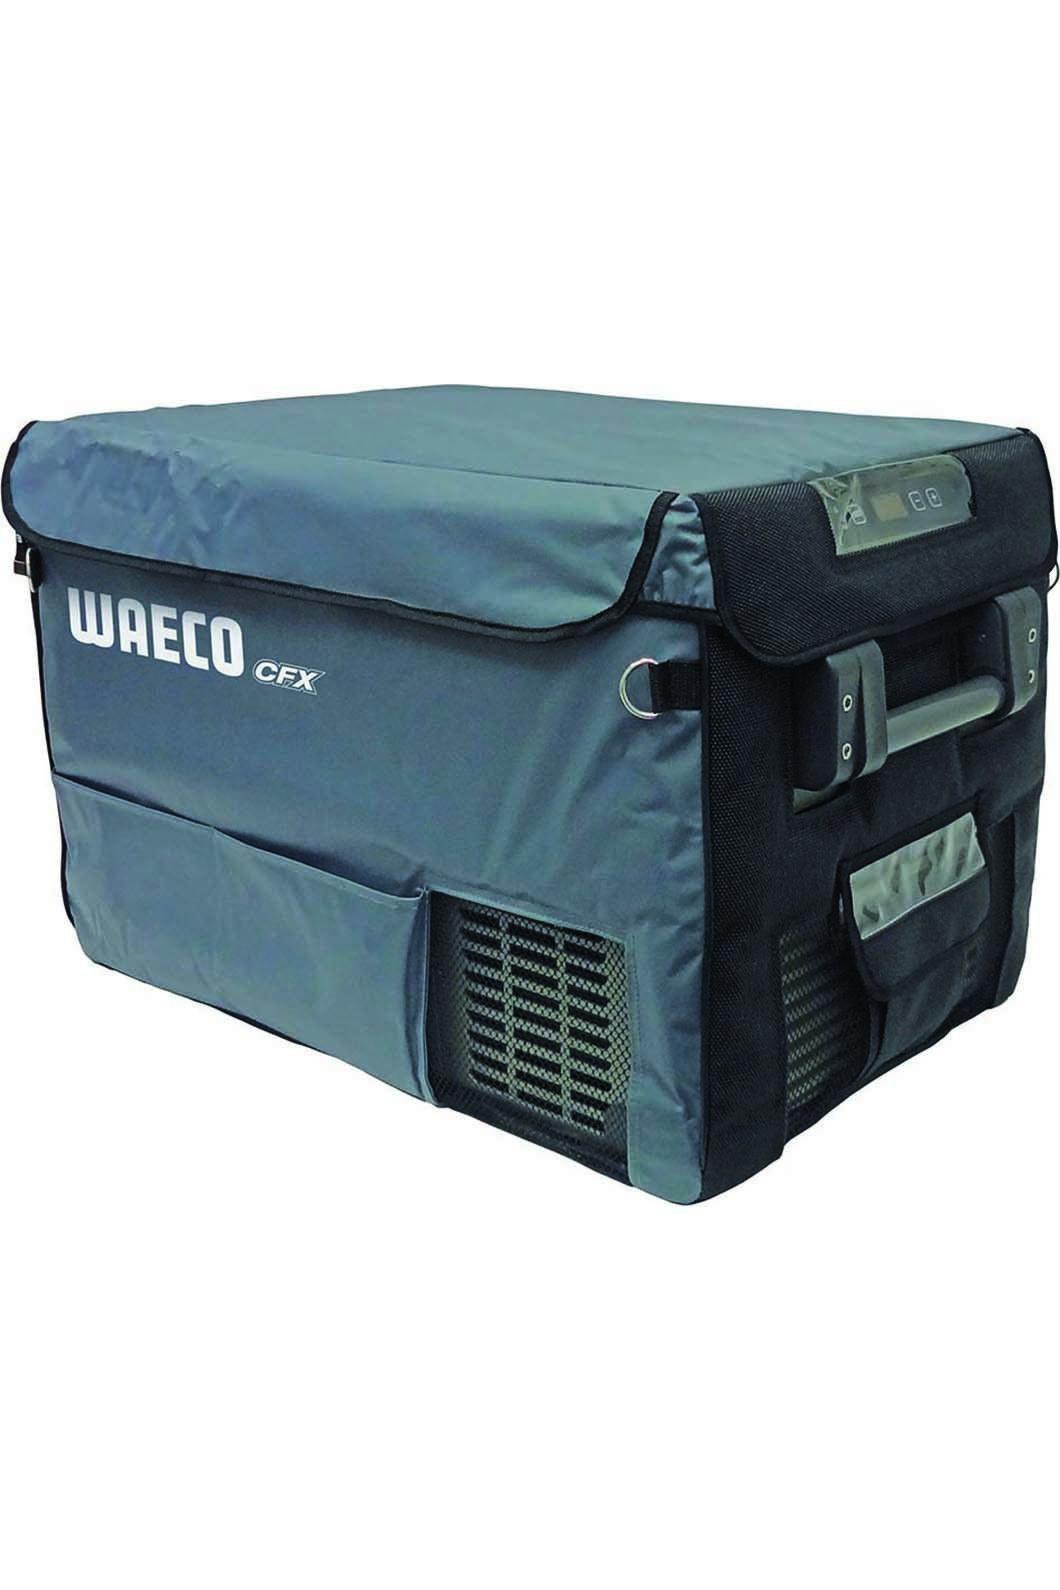 Waeco CFX 35 Protective Cover, None, hi-res